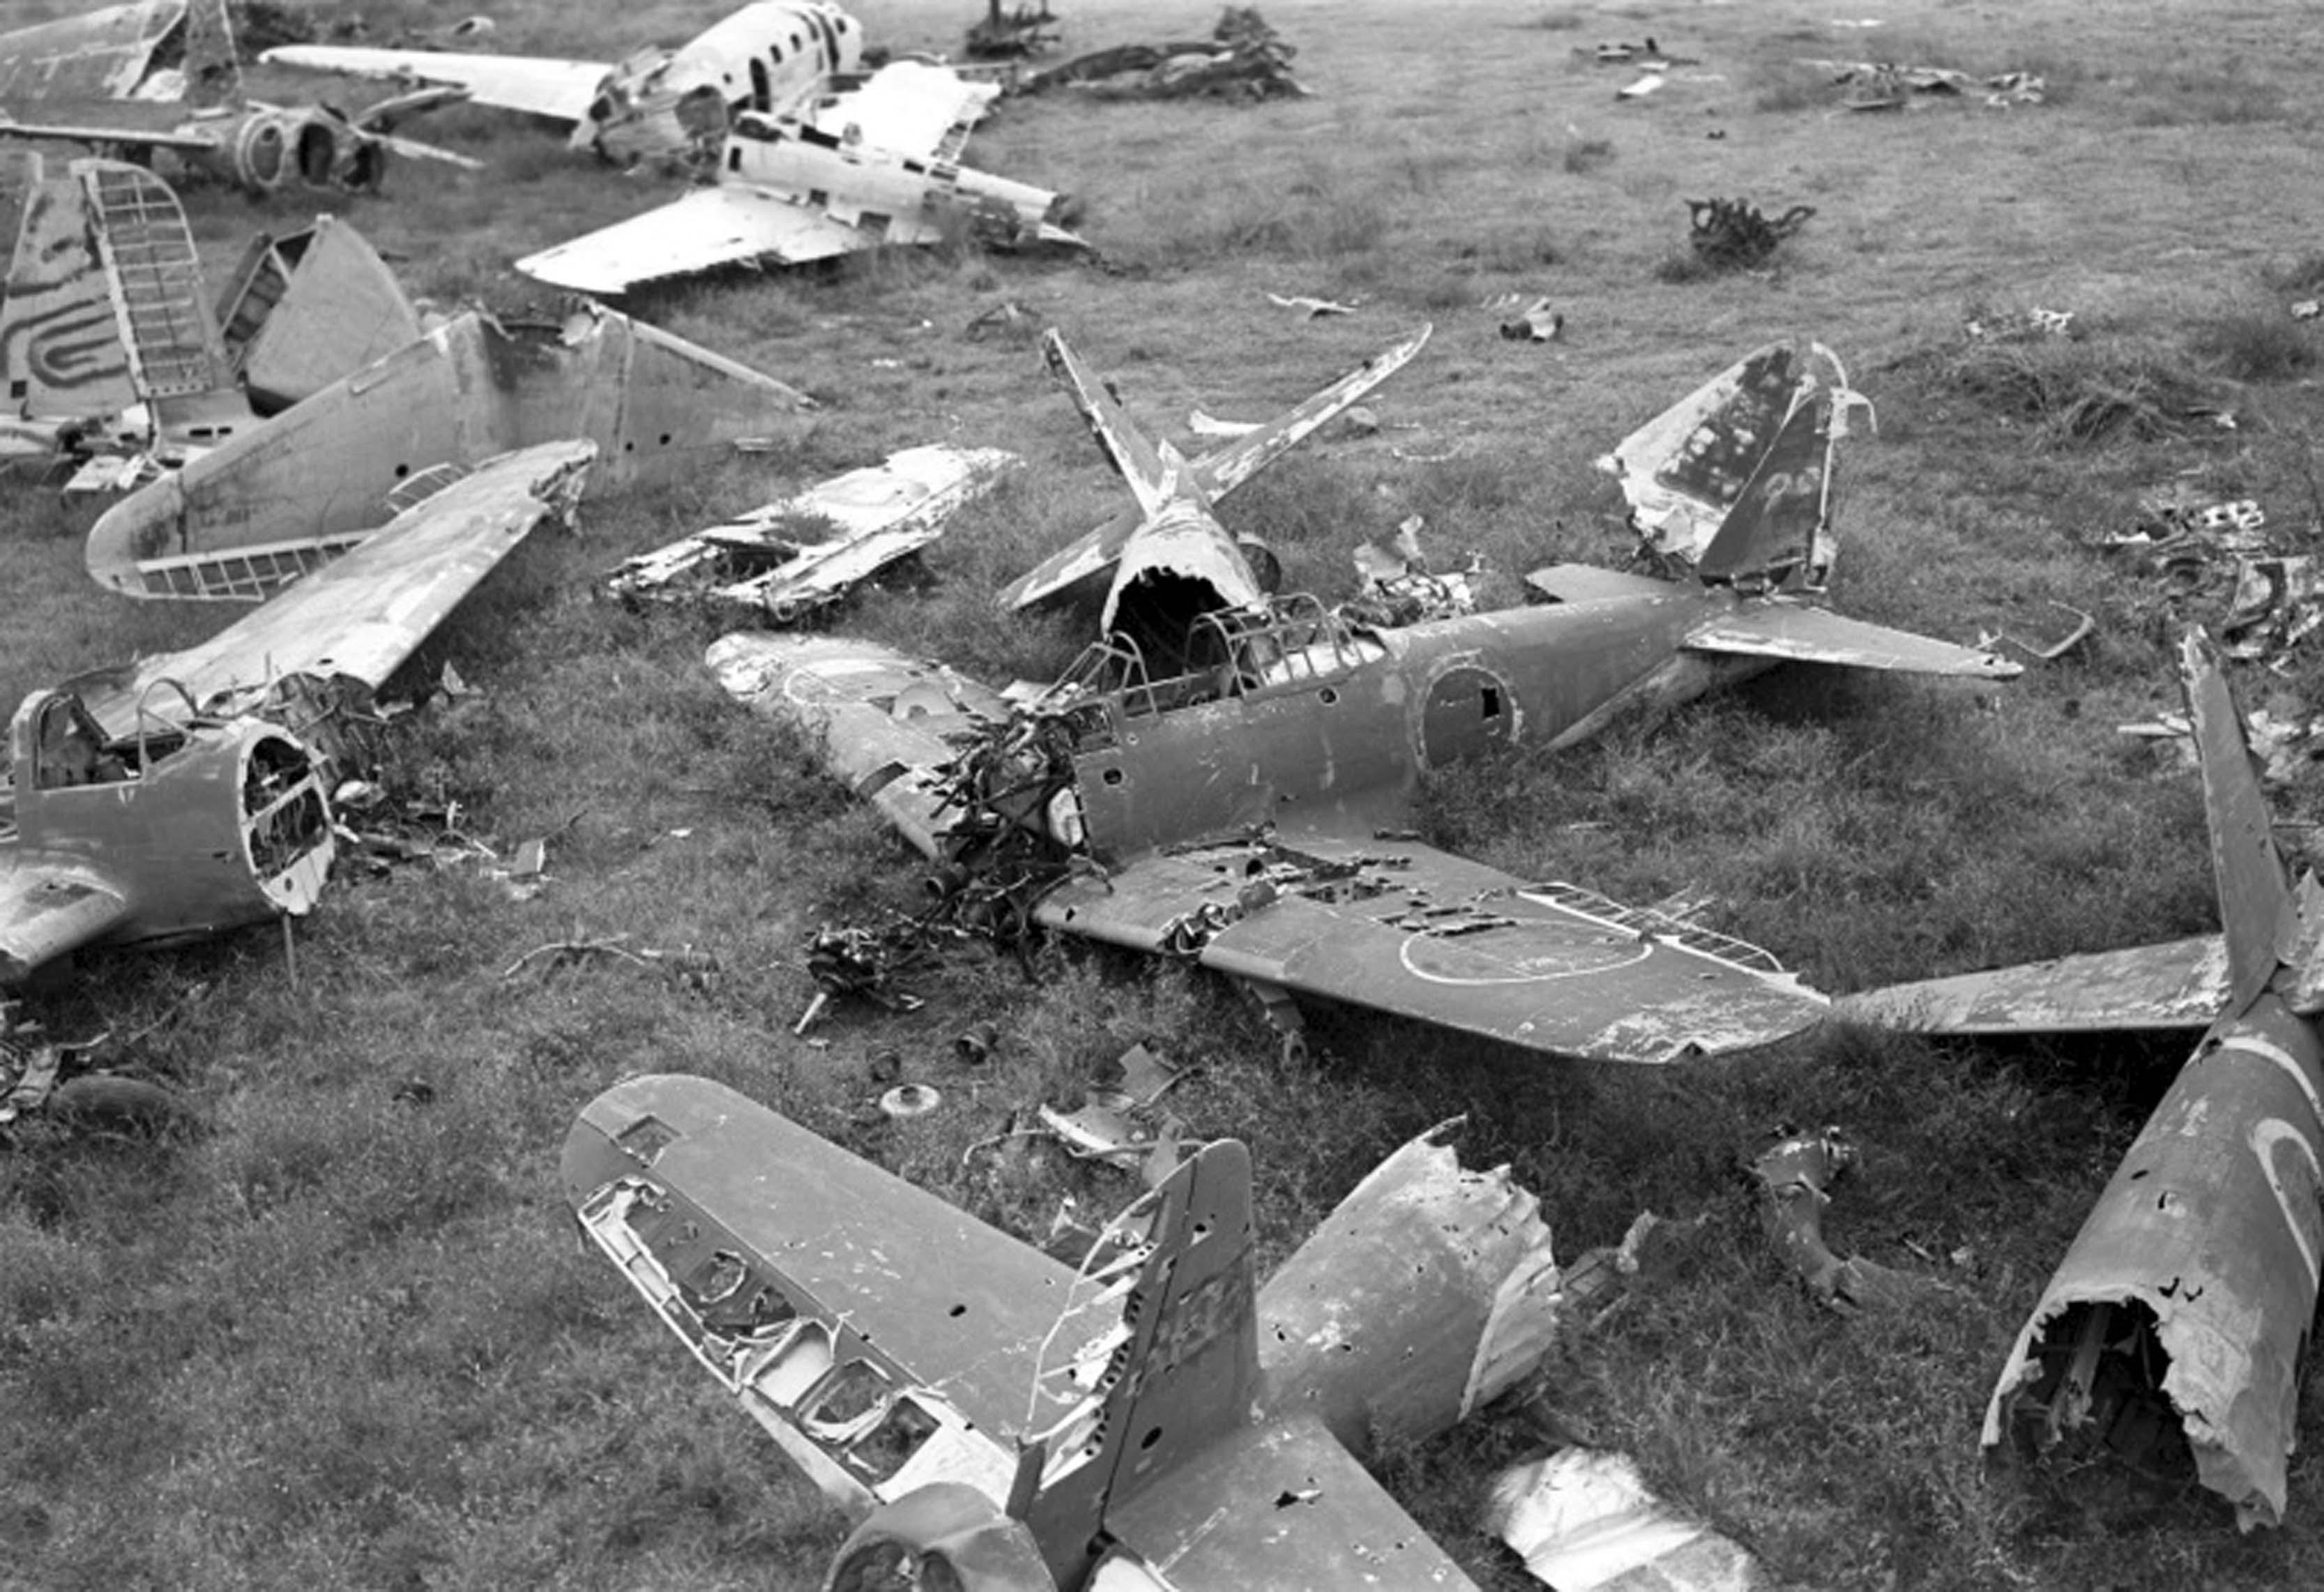 broken aircraft